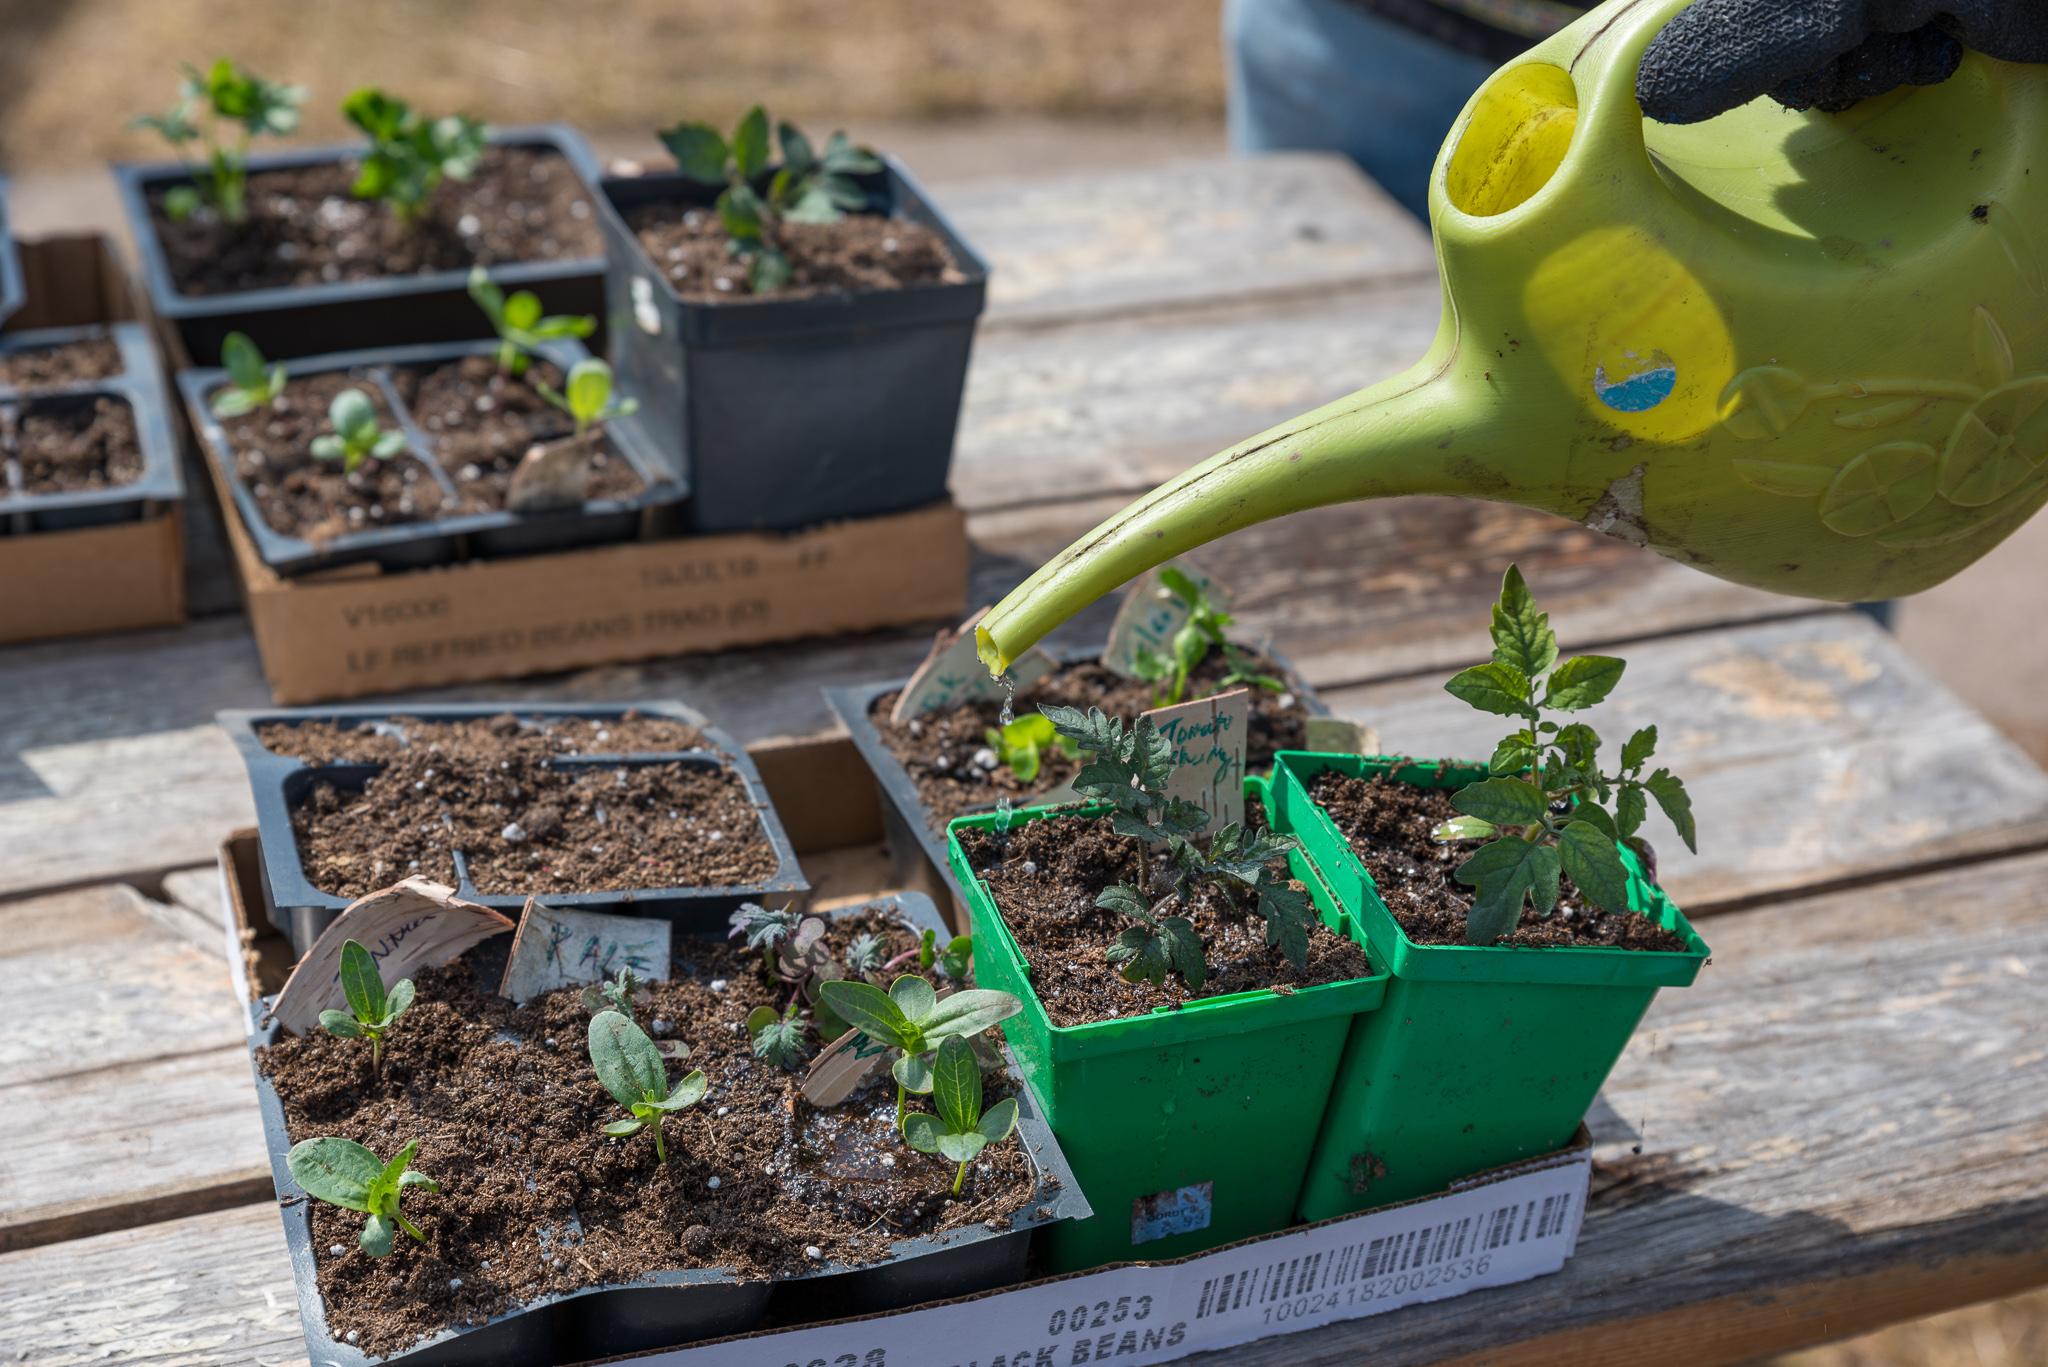 Duluth Folk School Class Gardening for Beginners